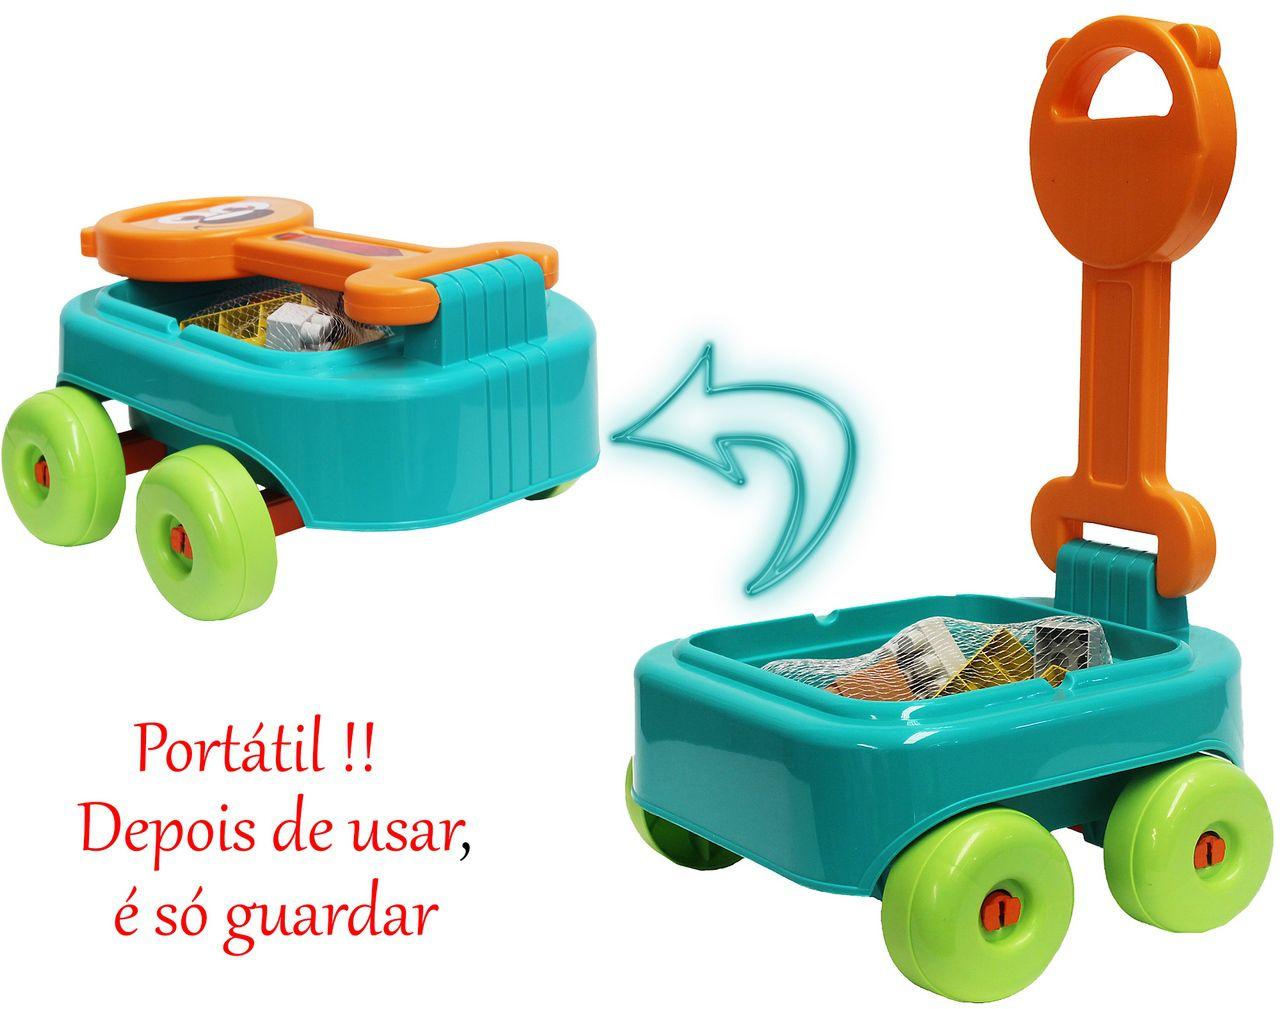 Carrinho De Puxar Com Blocos De Montar Praia Cachorrinho Infantil Educativo Rodinhas Resistente Original Gulliver Activity